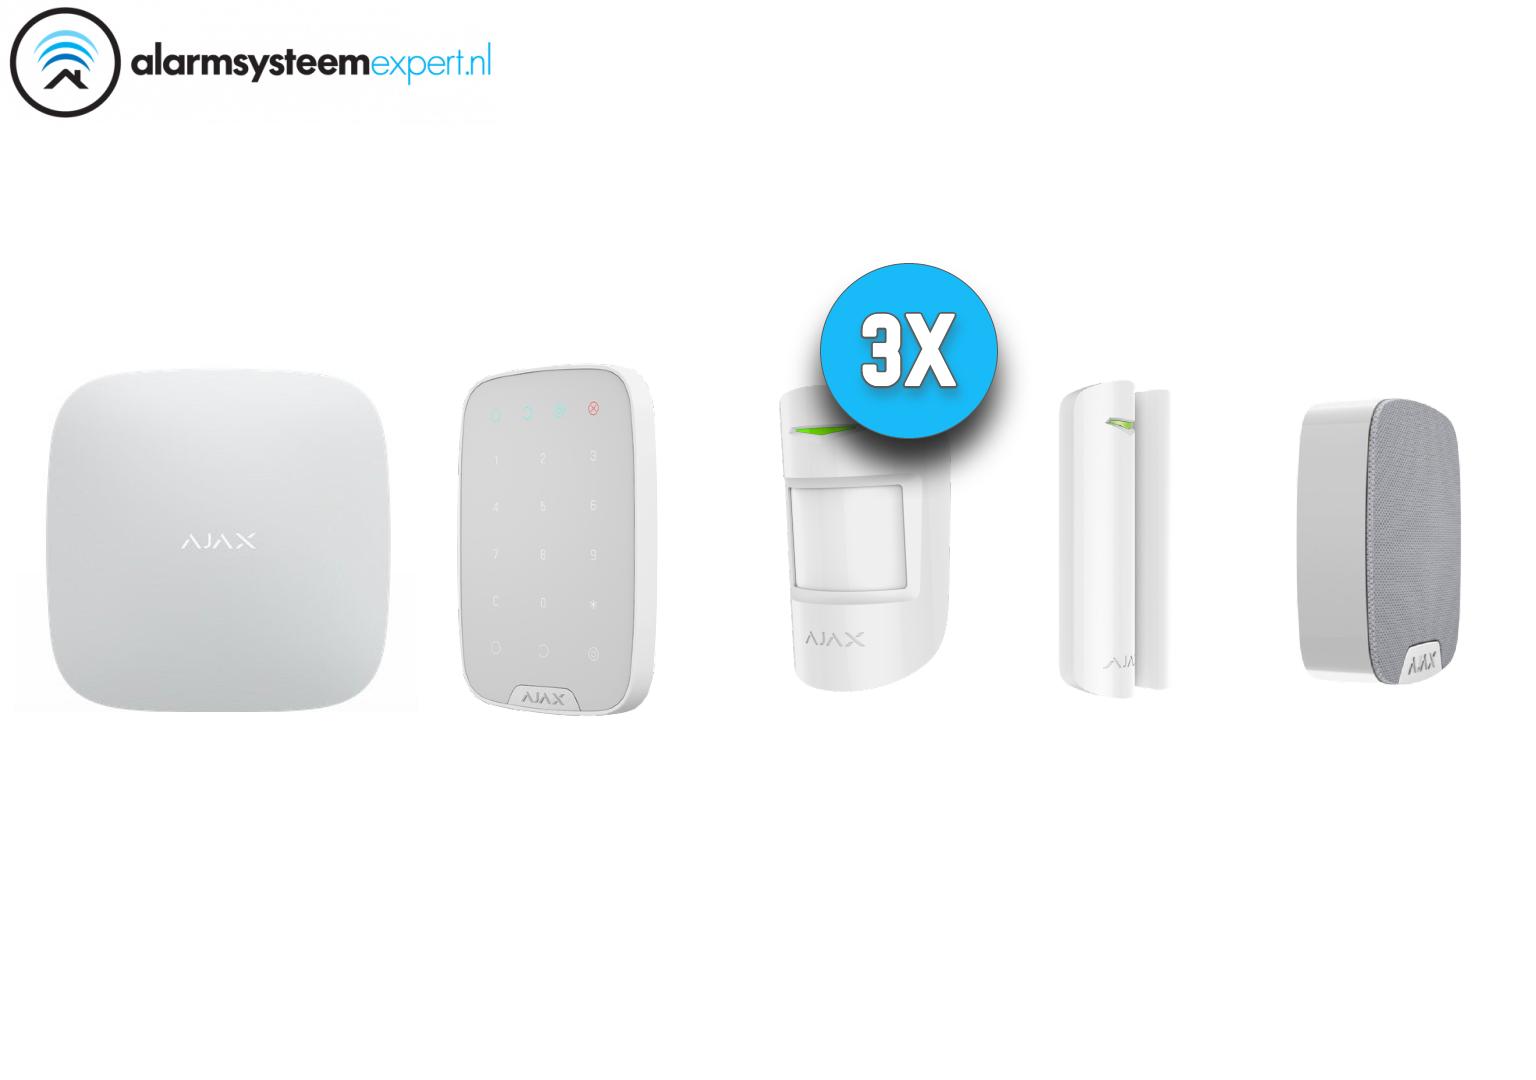 Das Ajax-Alarmsystem-Kit kann als Grundlage für das drahtlose Ajax-Sicherheitssystem verwendet werden.